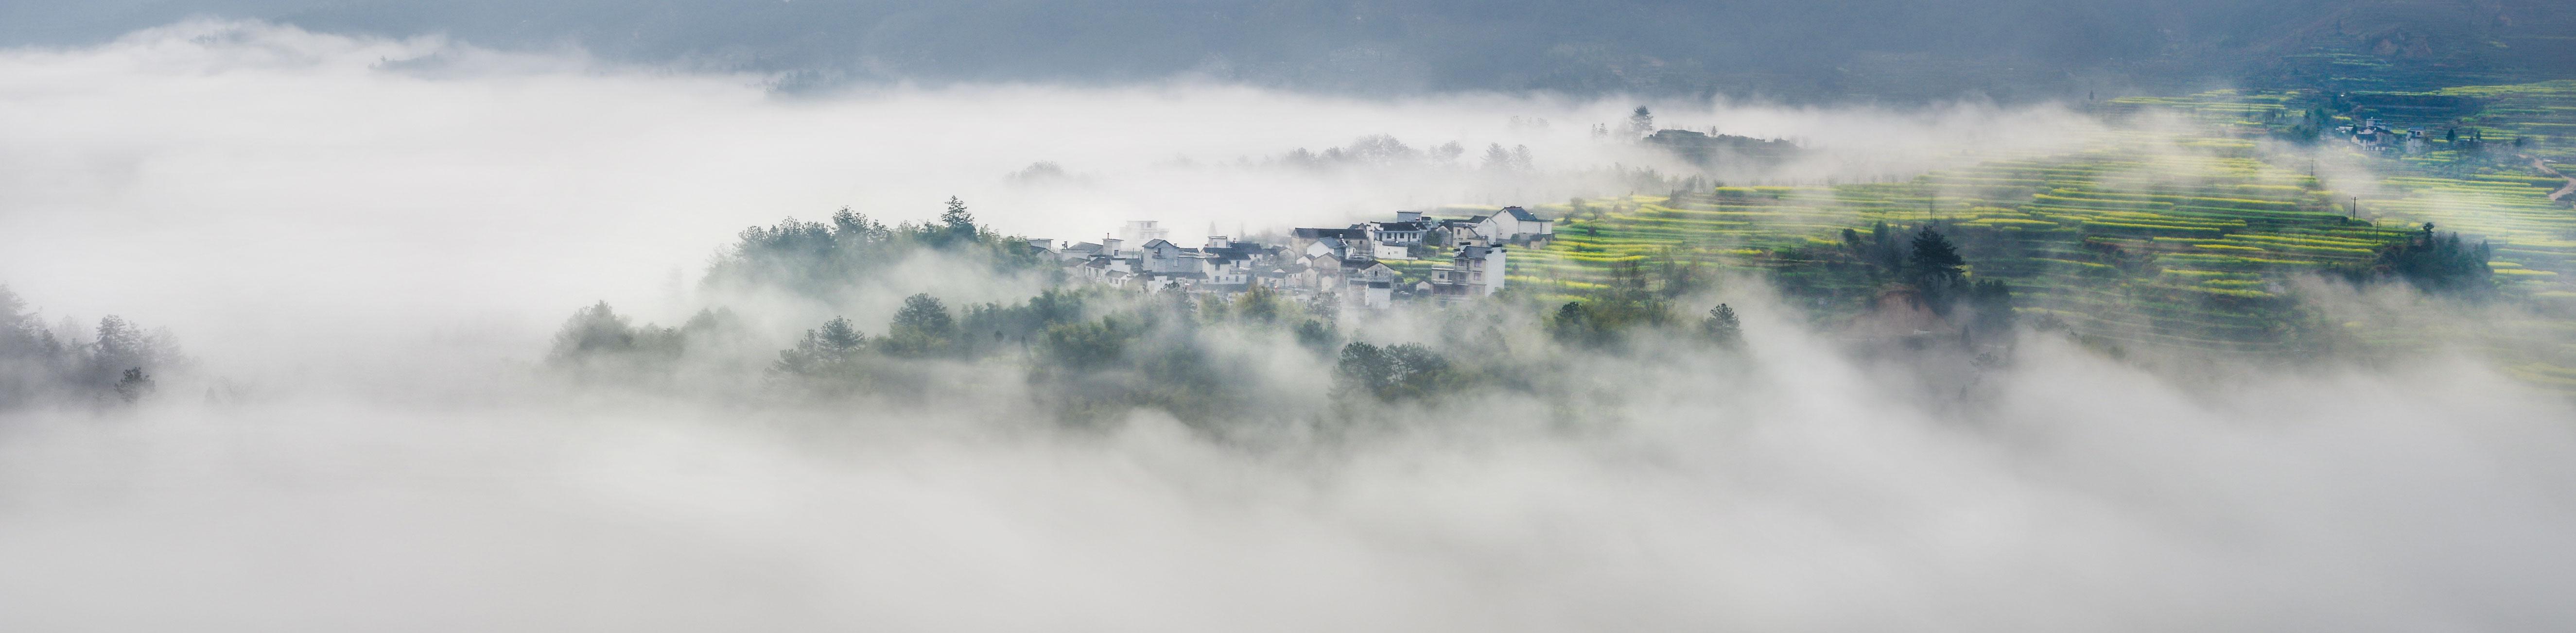 太阳滋味作品:雾海茫茫漫山村